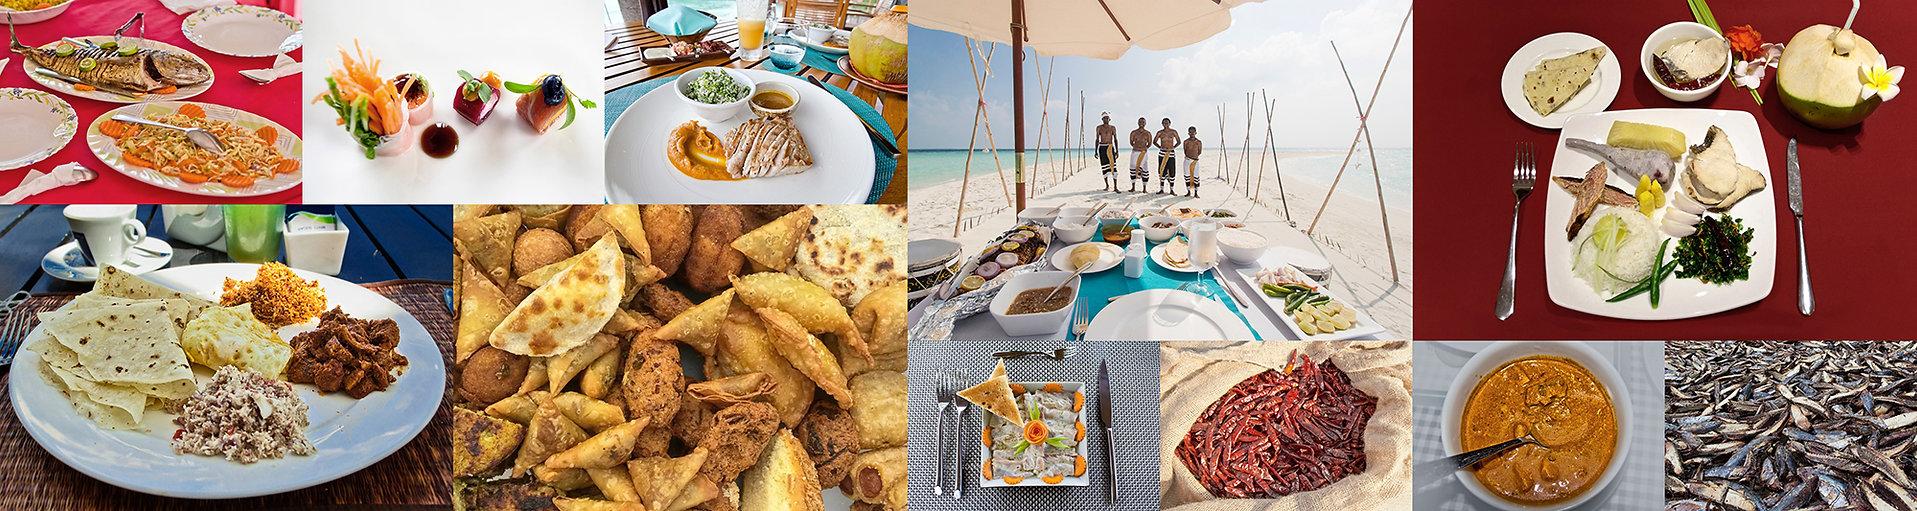 Maledivská kuchyně aneb Chuť Malediv